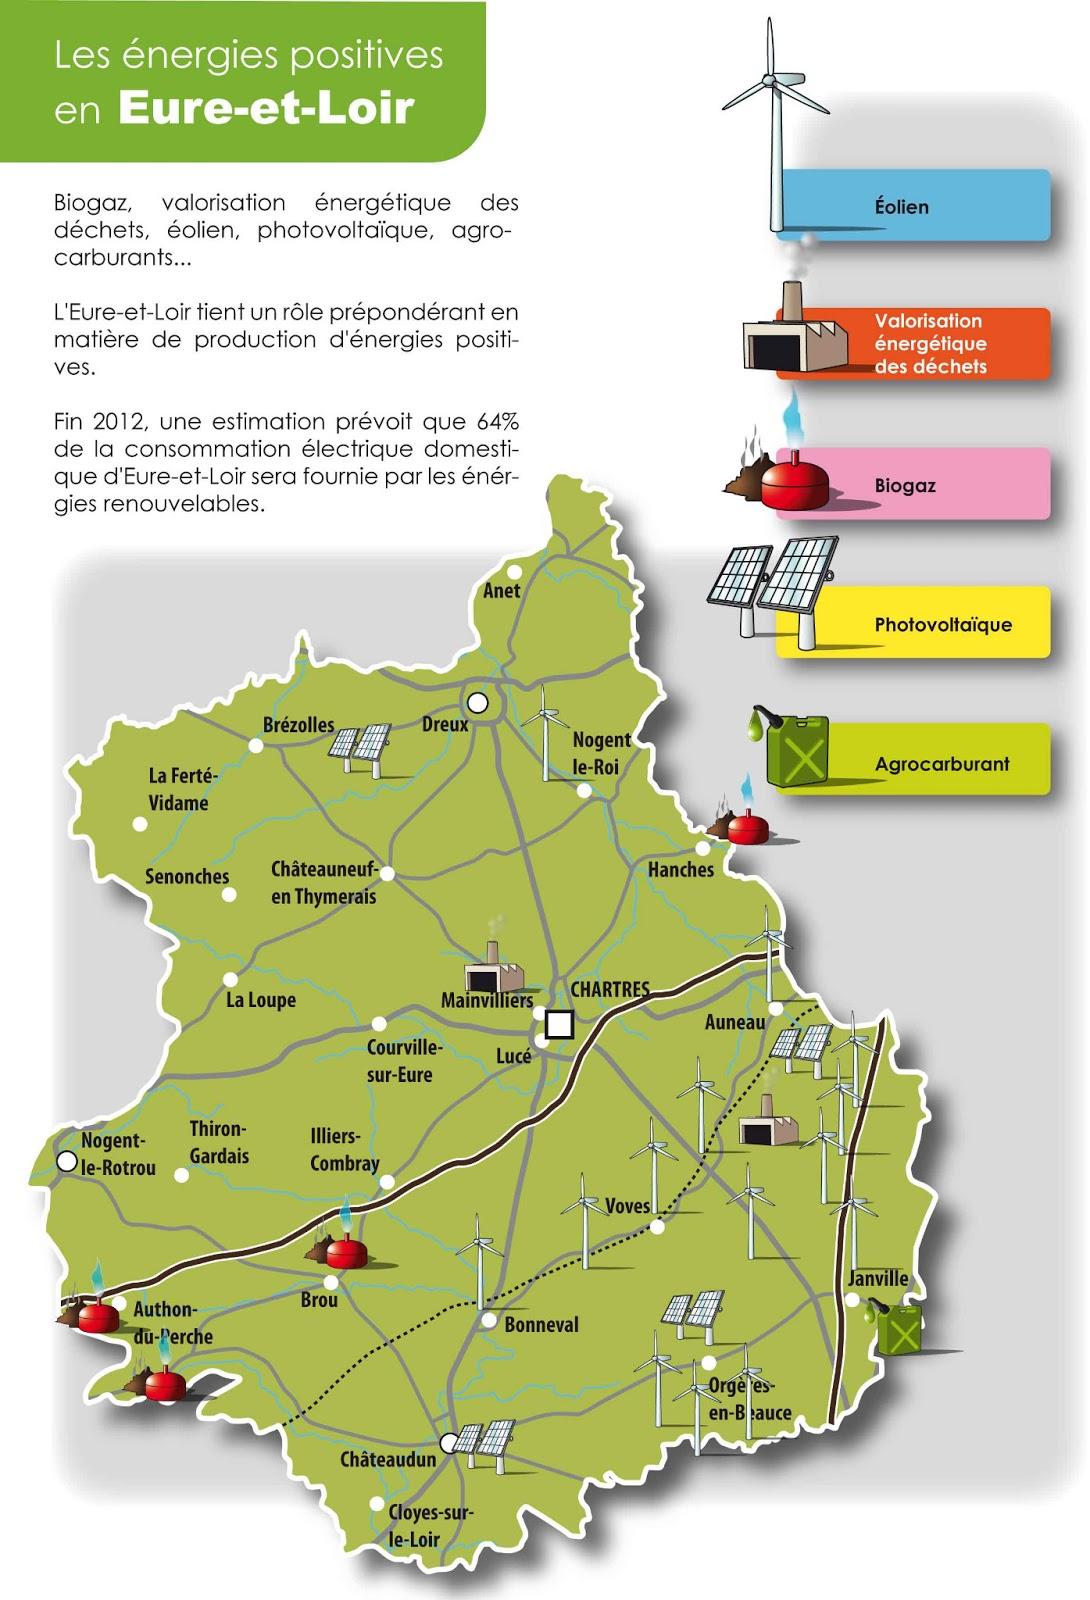 Mon plan moi illustrations infographies cartographies plans de villes janvier 2013 - Office de tourisme eure et loir ...